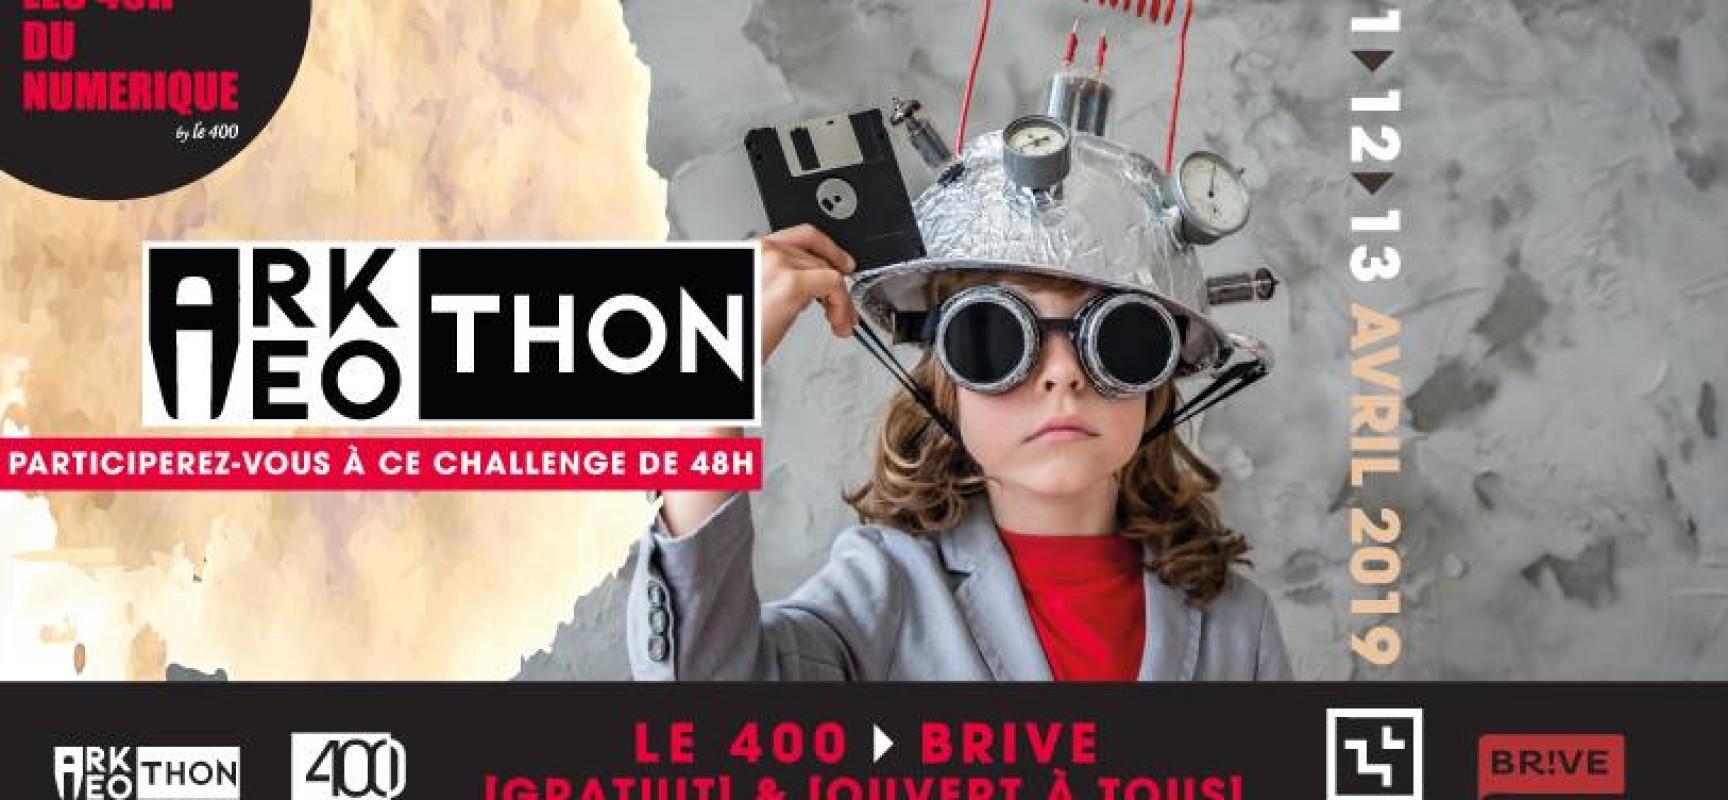 Arkéothon : l'église de Moutier-Rozeille au cœur d'un défi innovant !